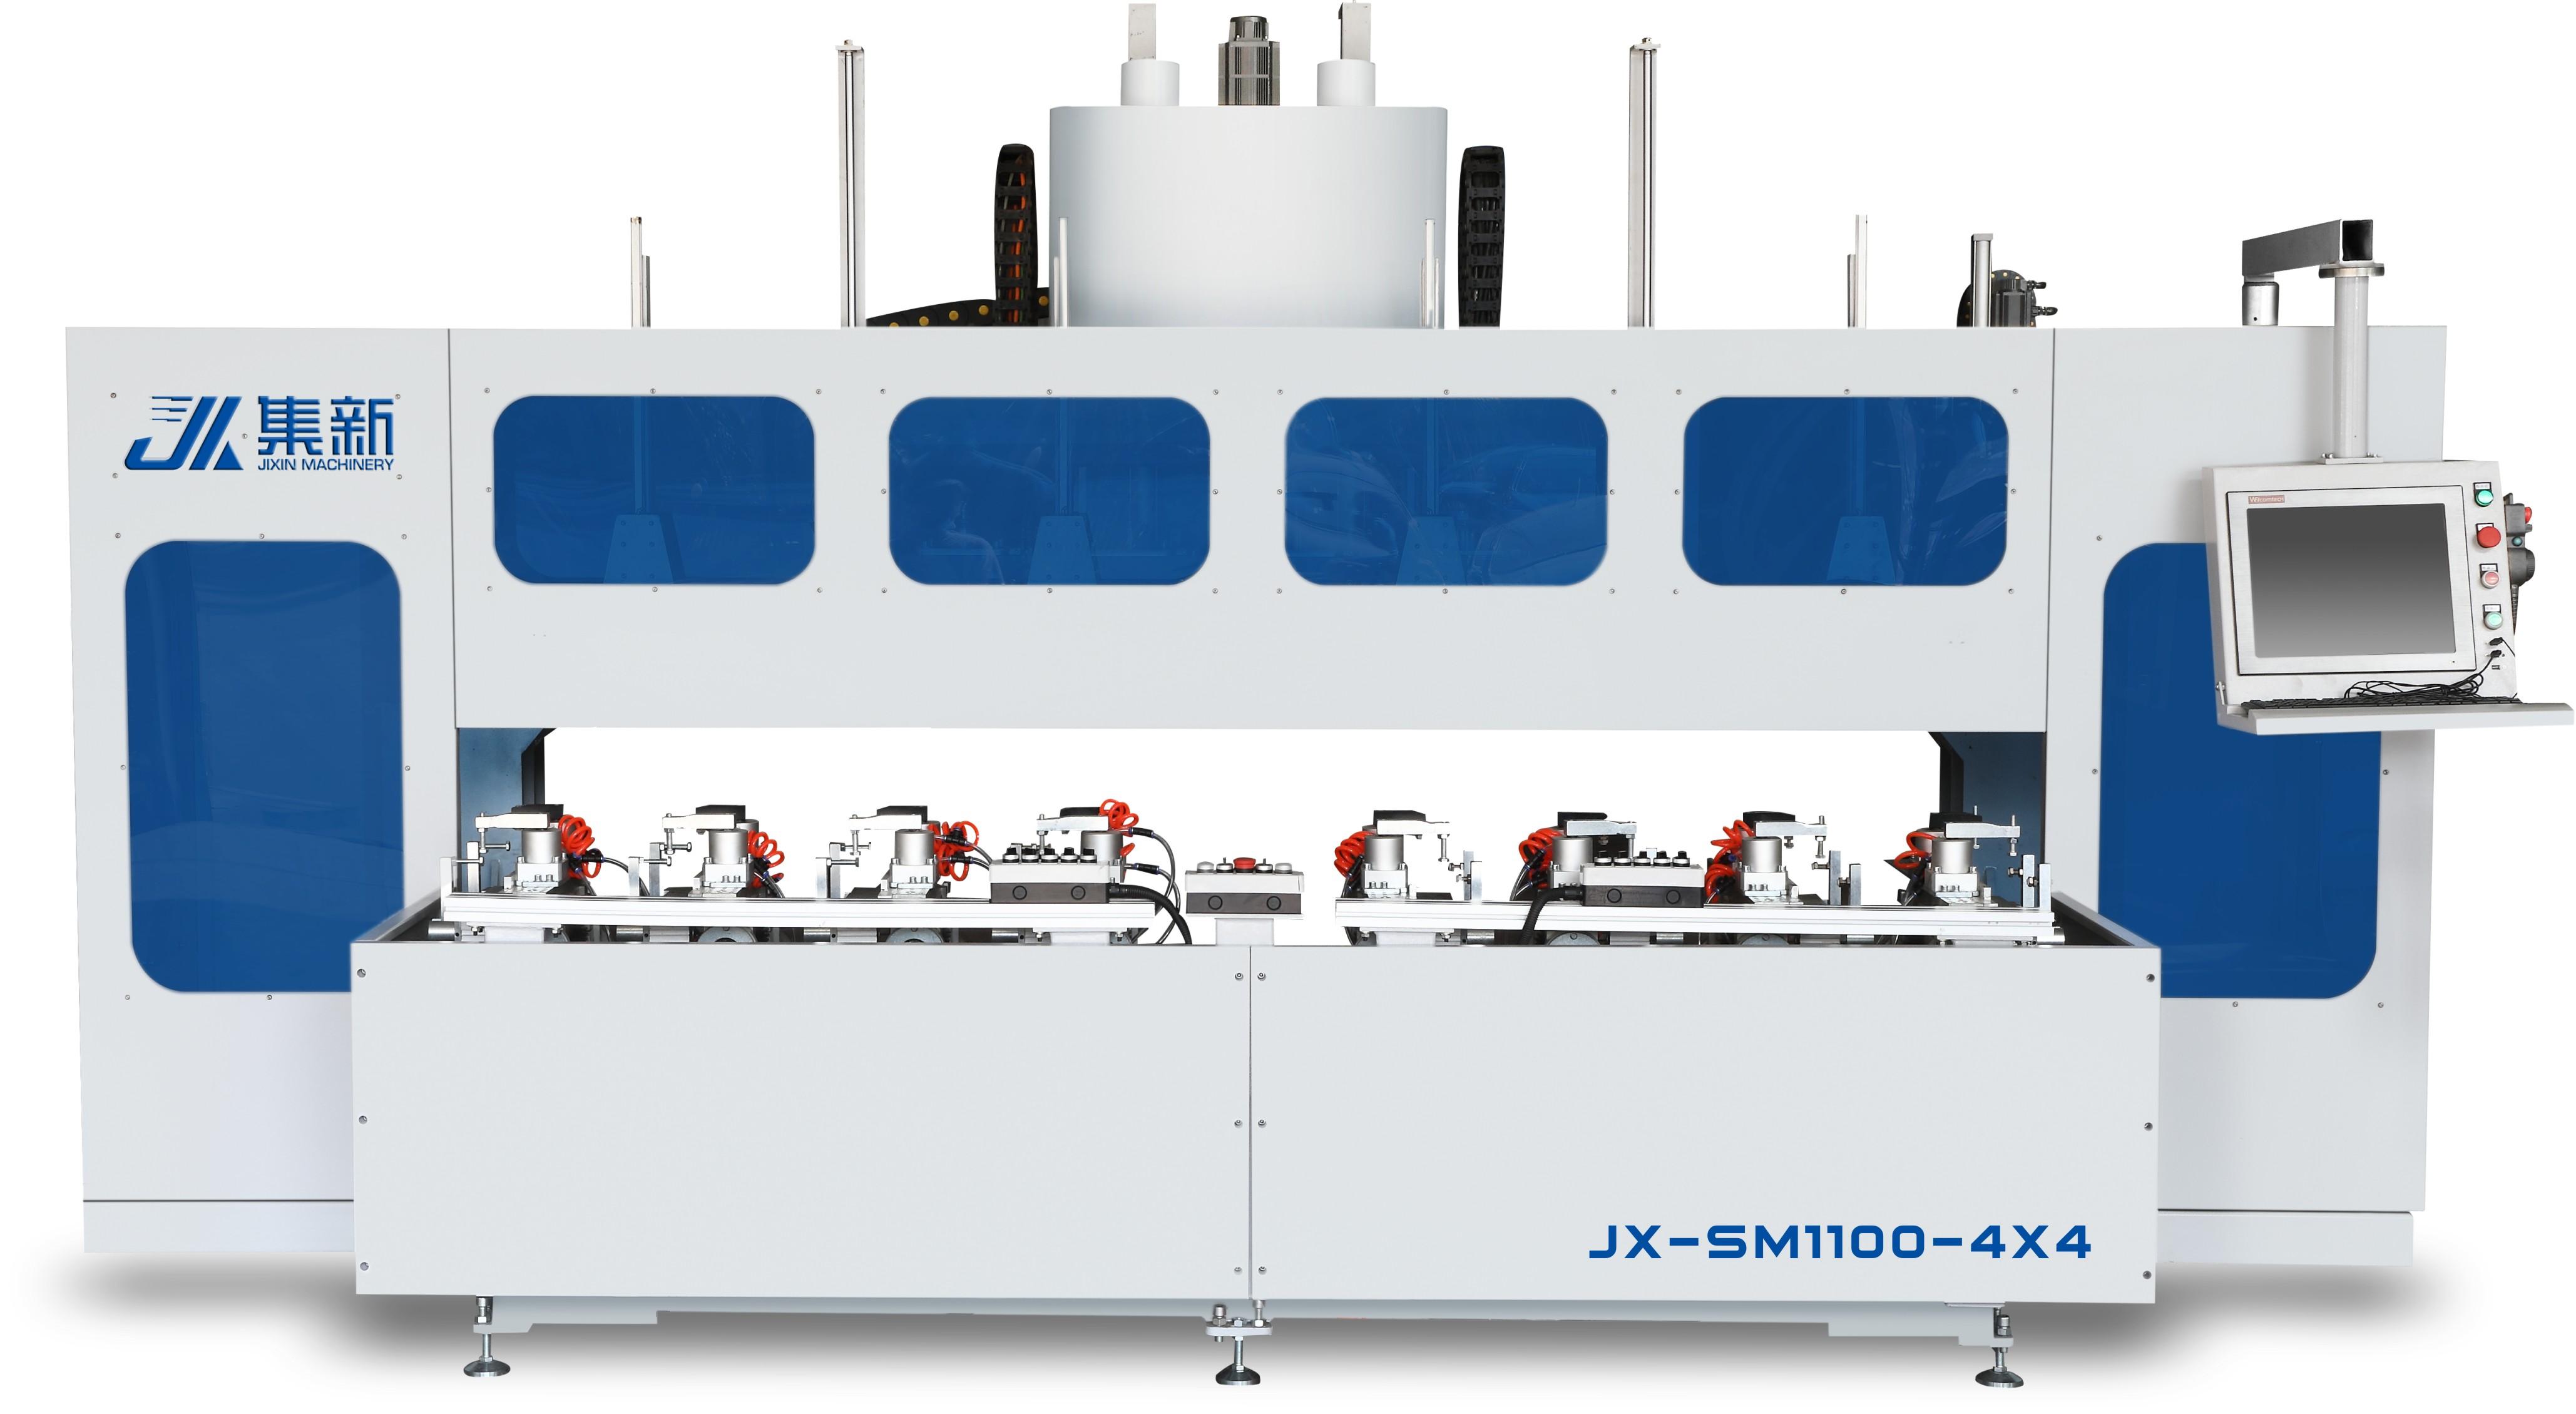 集新JX-SM1100-4x4双工位榫卯加工中心